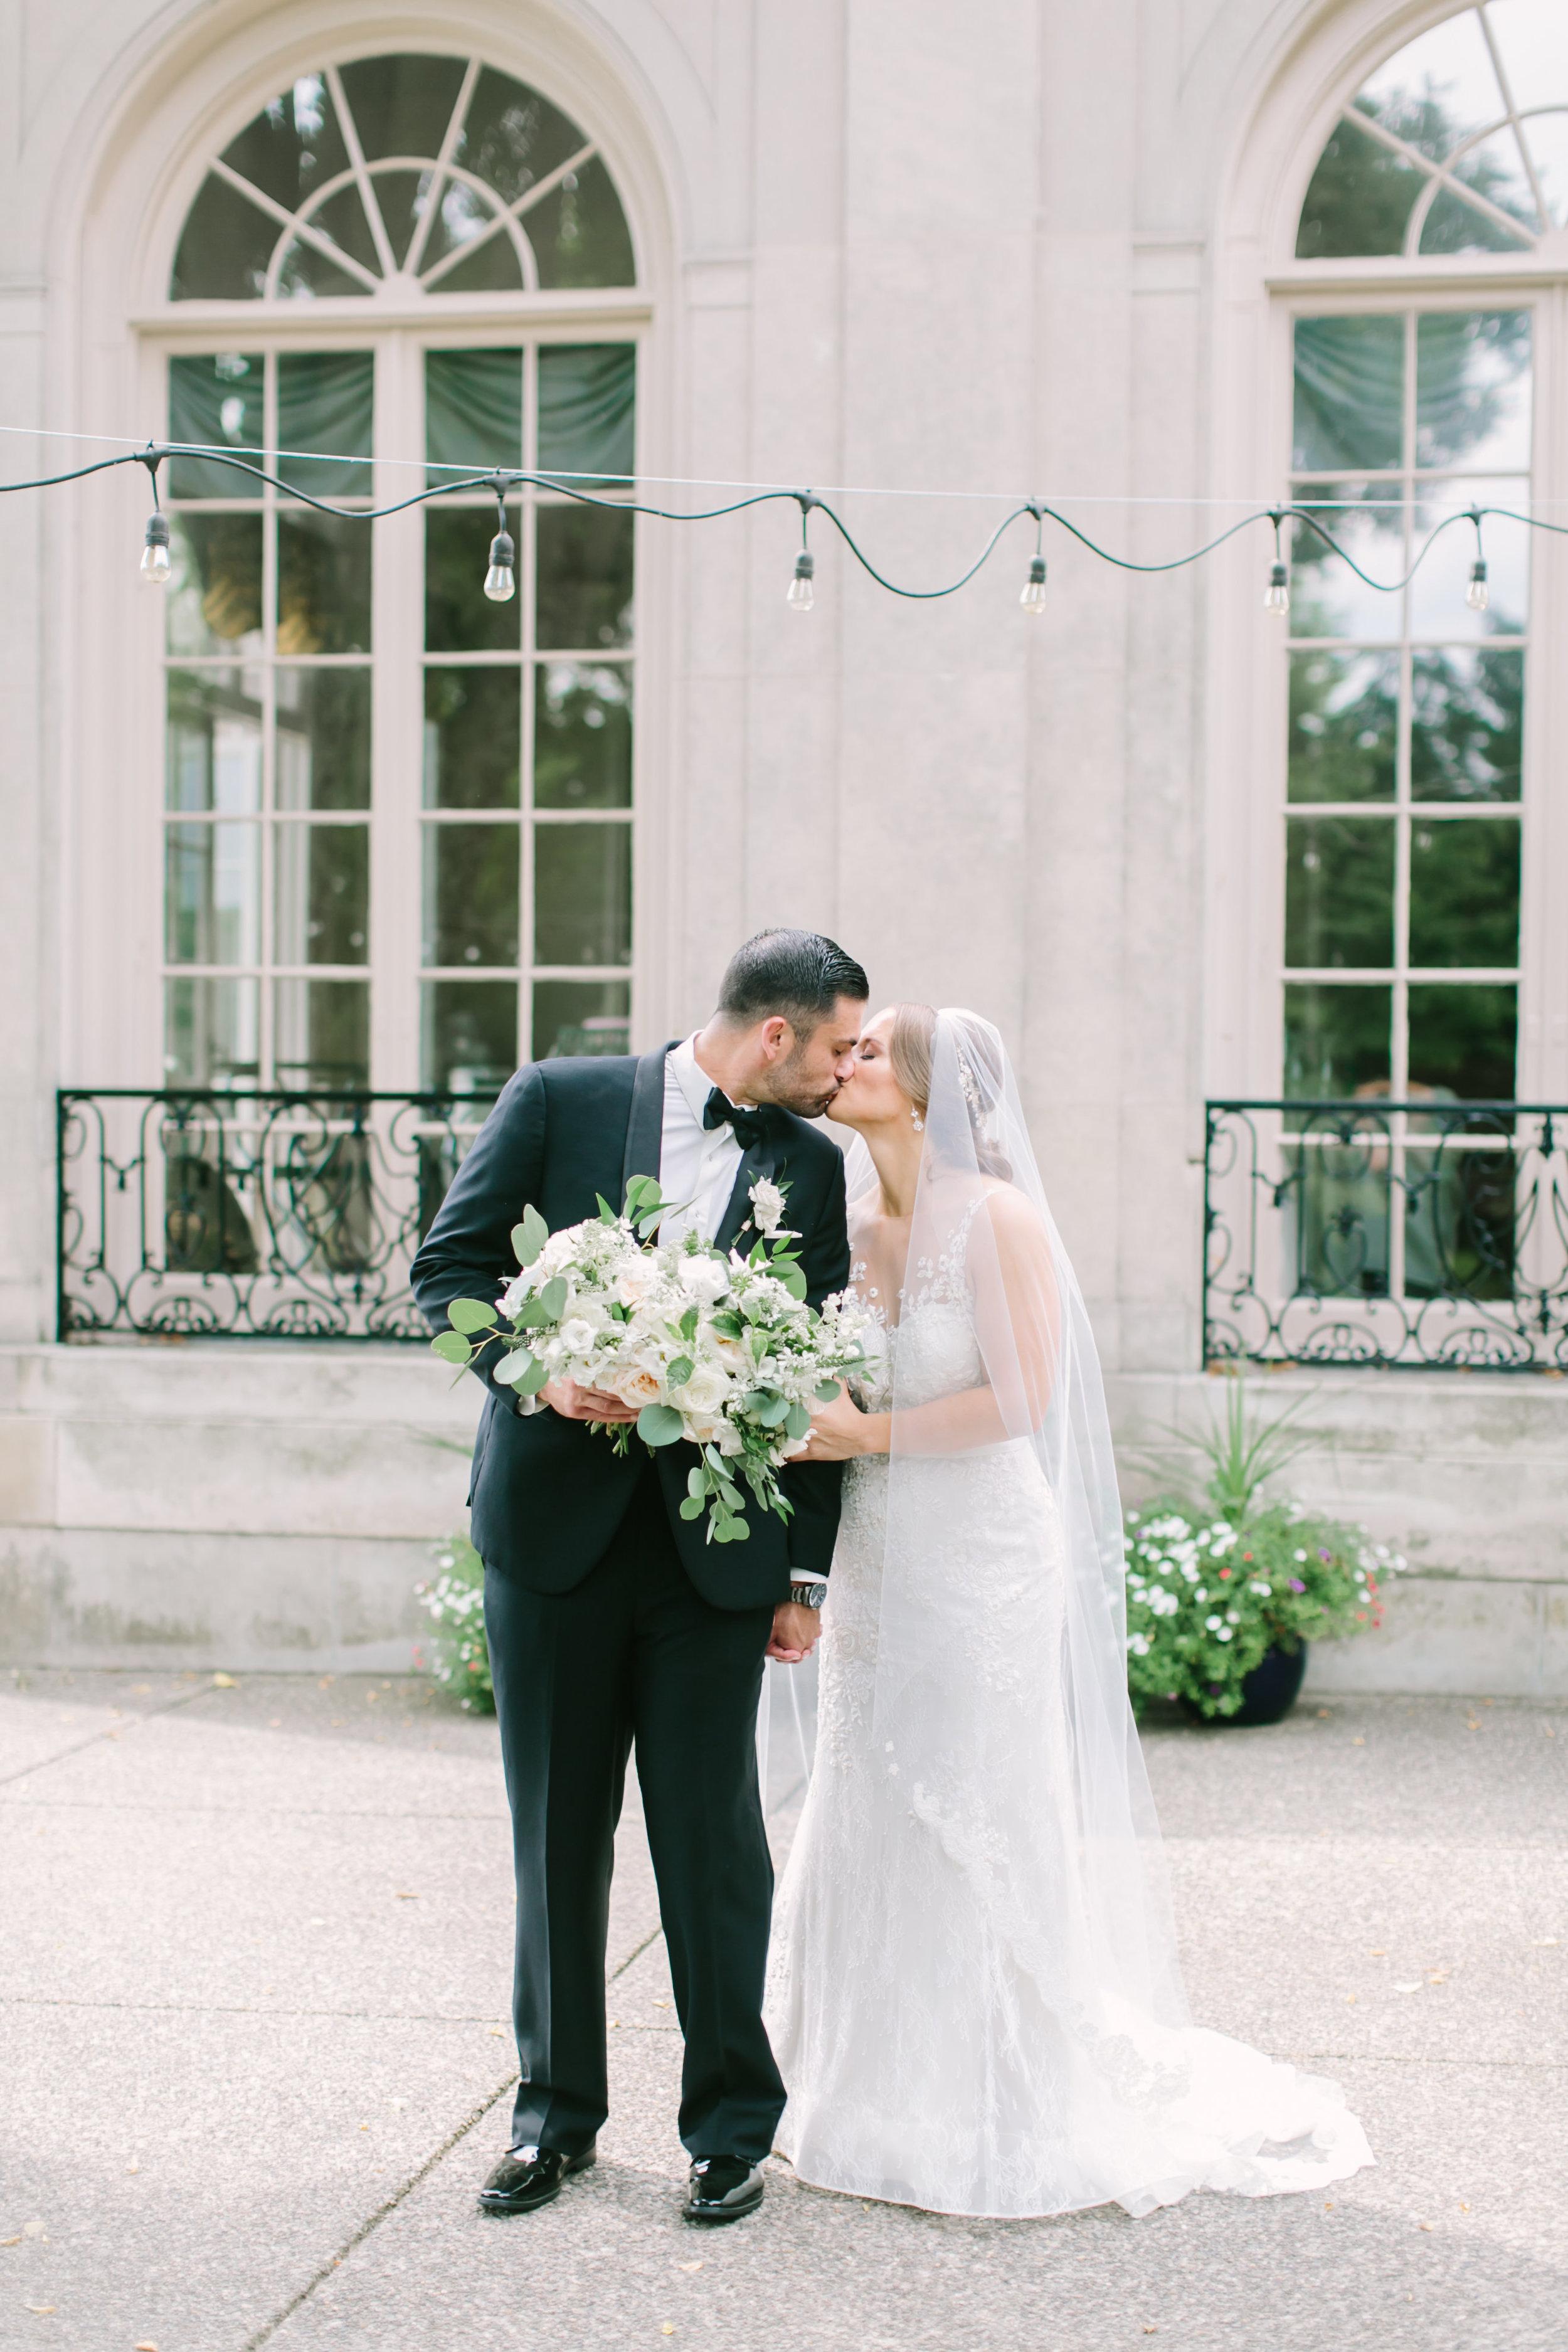 Love&LightPhotographs_Jennifer&Mark_Wedding_Preview-22.jpg